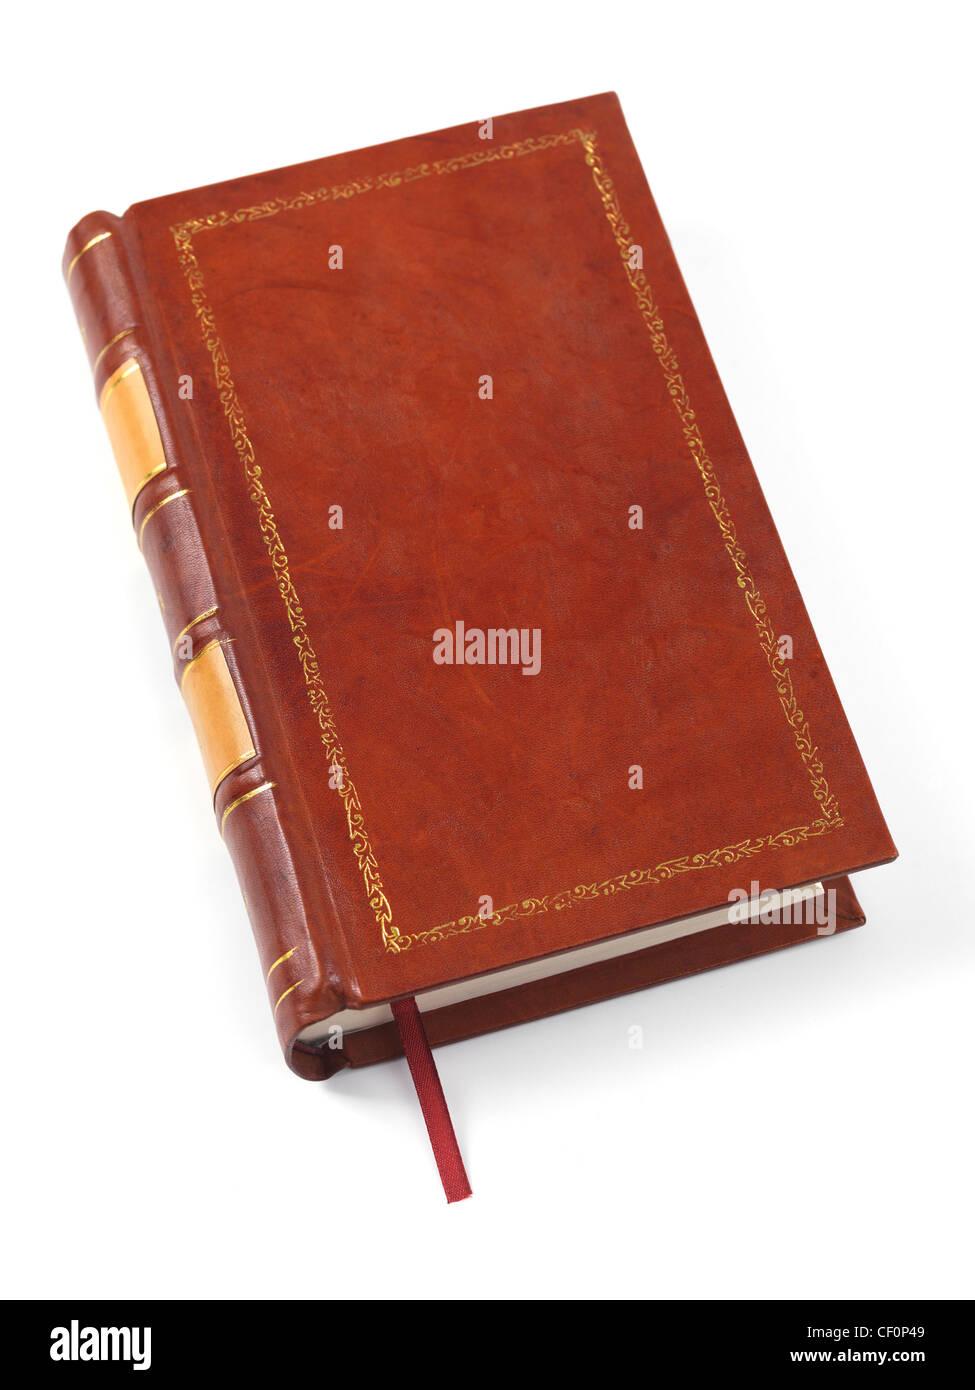 Livre relié de cuir brun couverture rigide isolé sur fond blanc Photo Stock